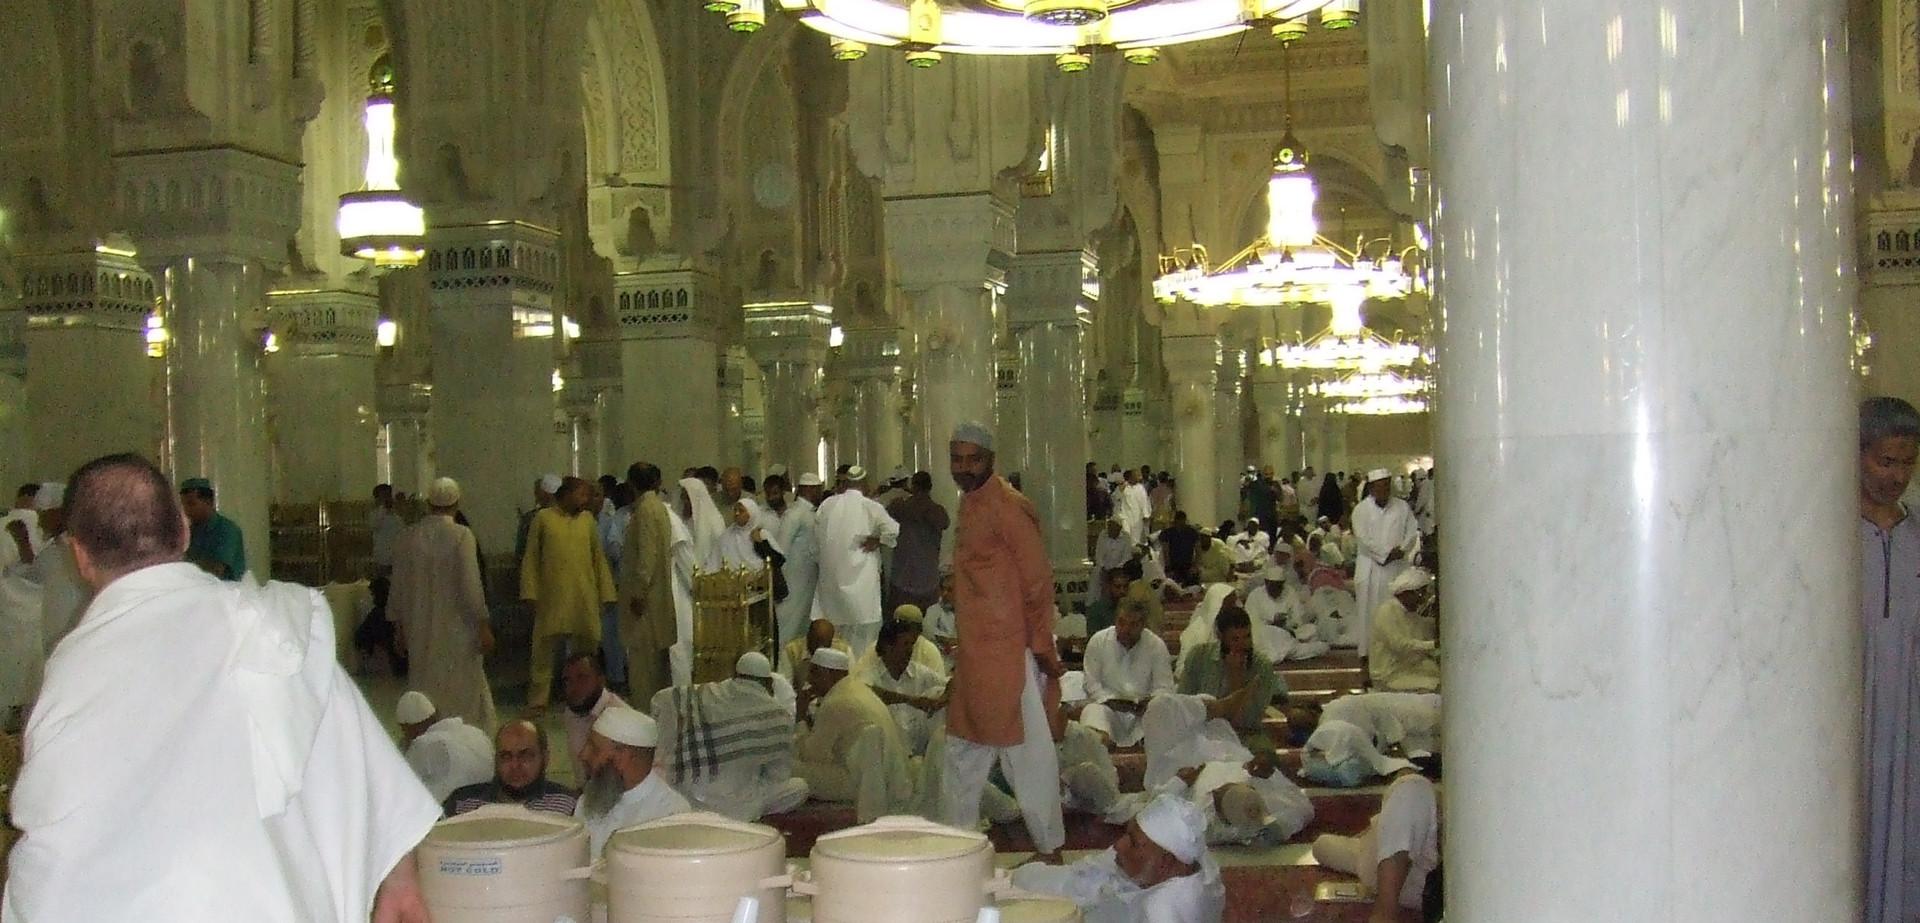 Tkt1 Masjidil Haram.JPG